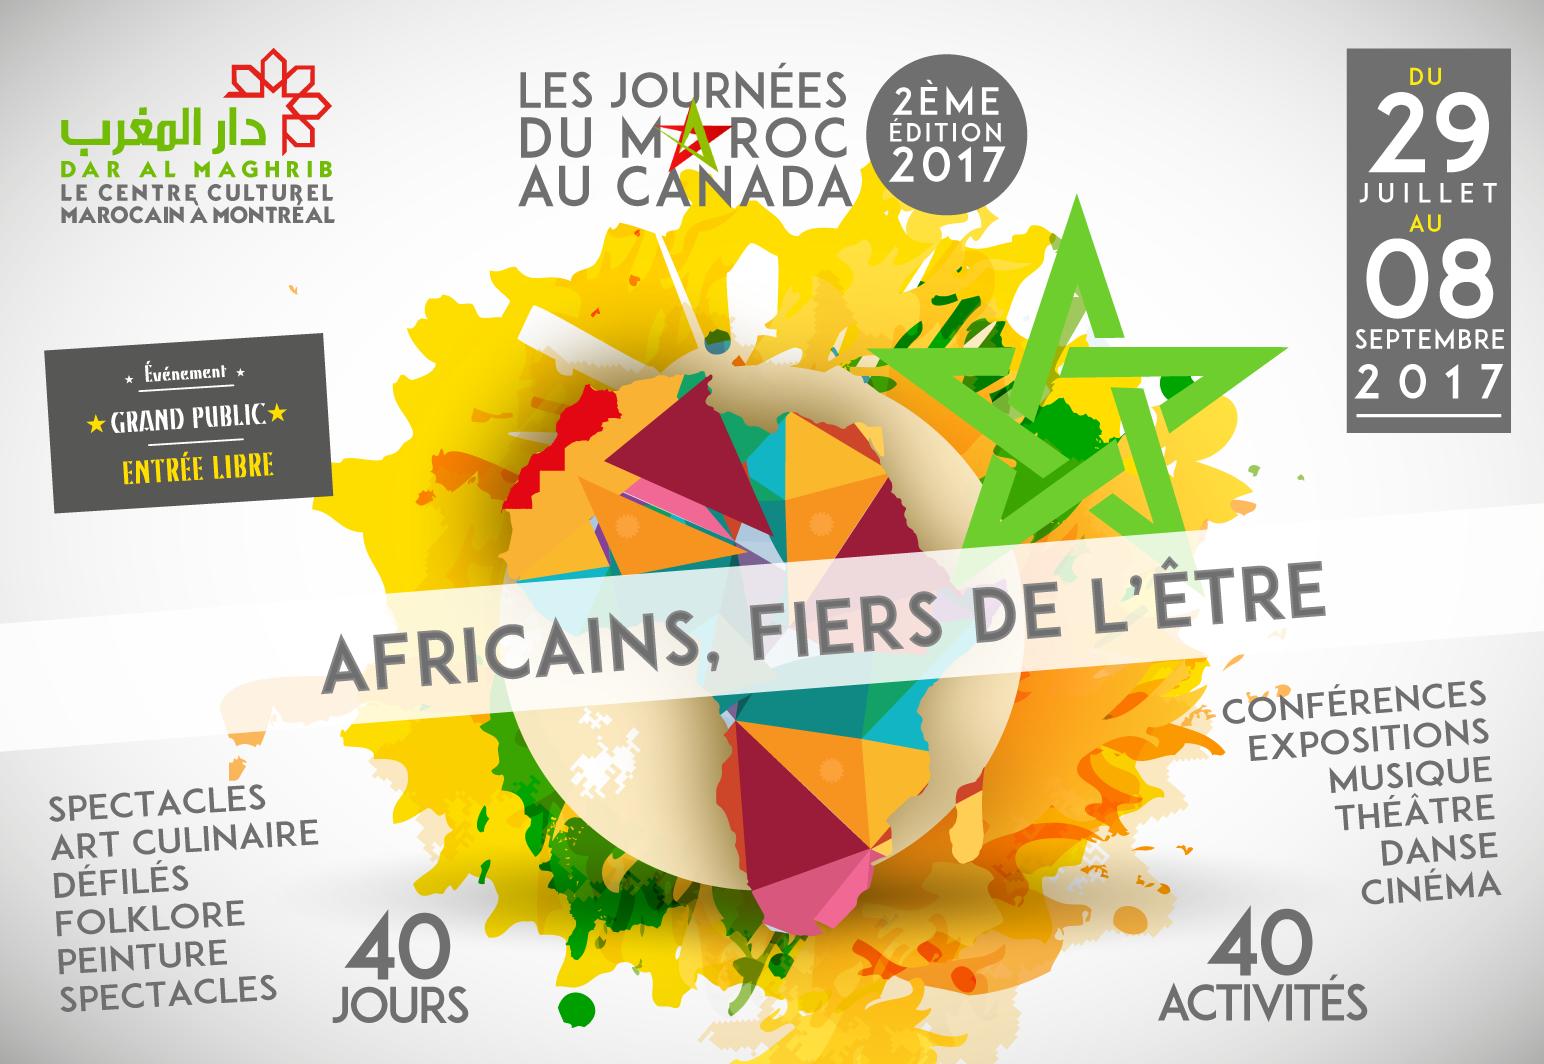 les journés culturelles du Maroc au Canada 2ème édition